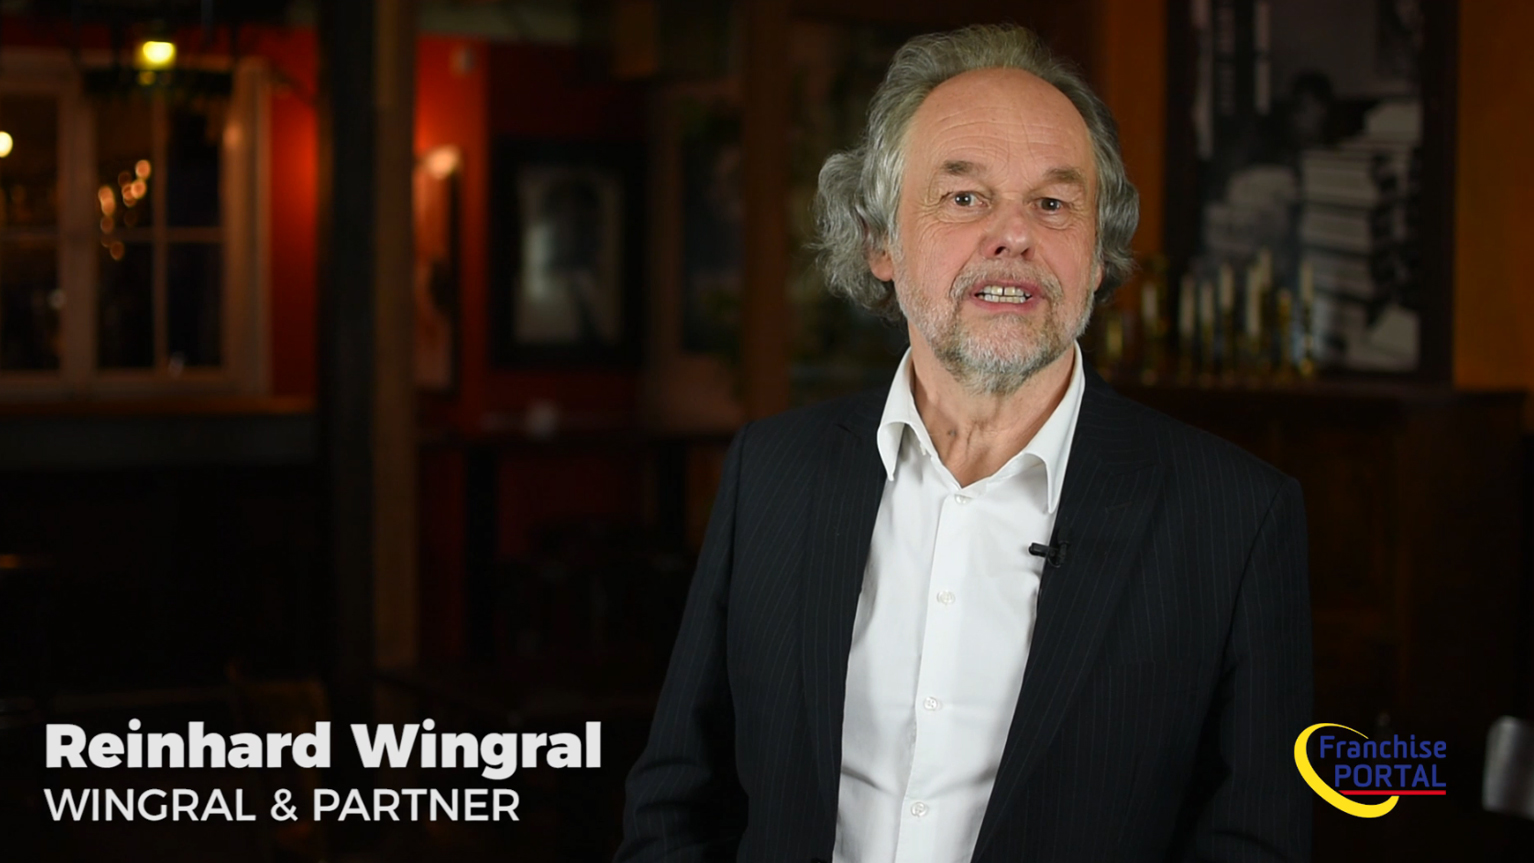 Der Franchise-Berater Reinhard Wingral stellt sich kurz vor